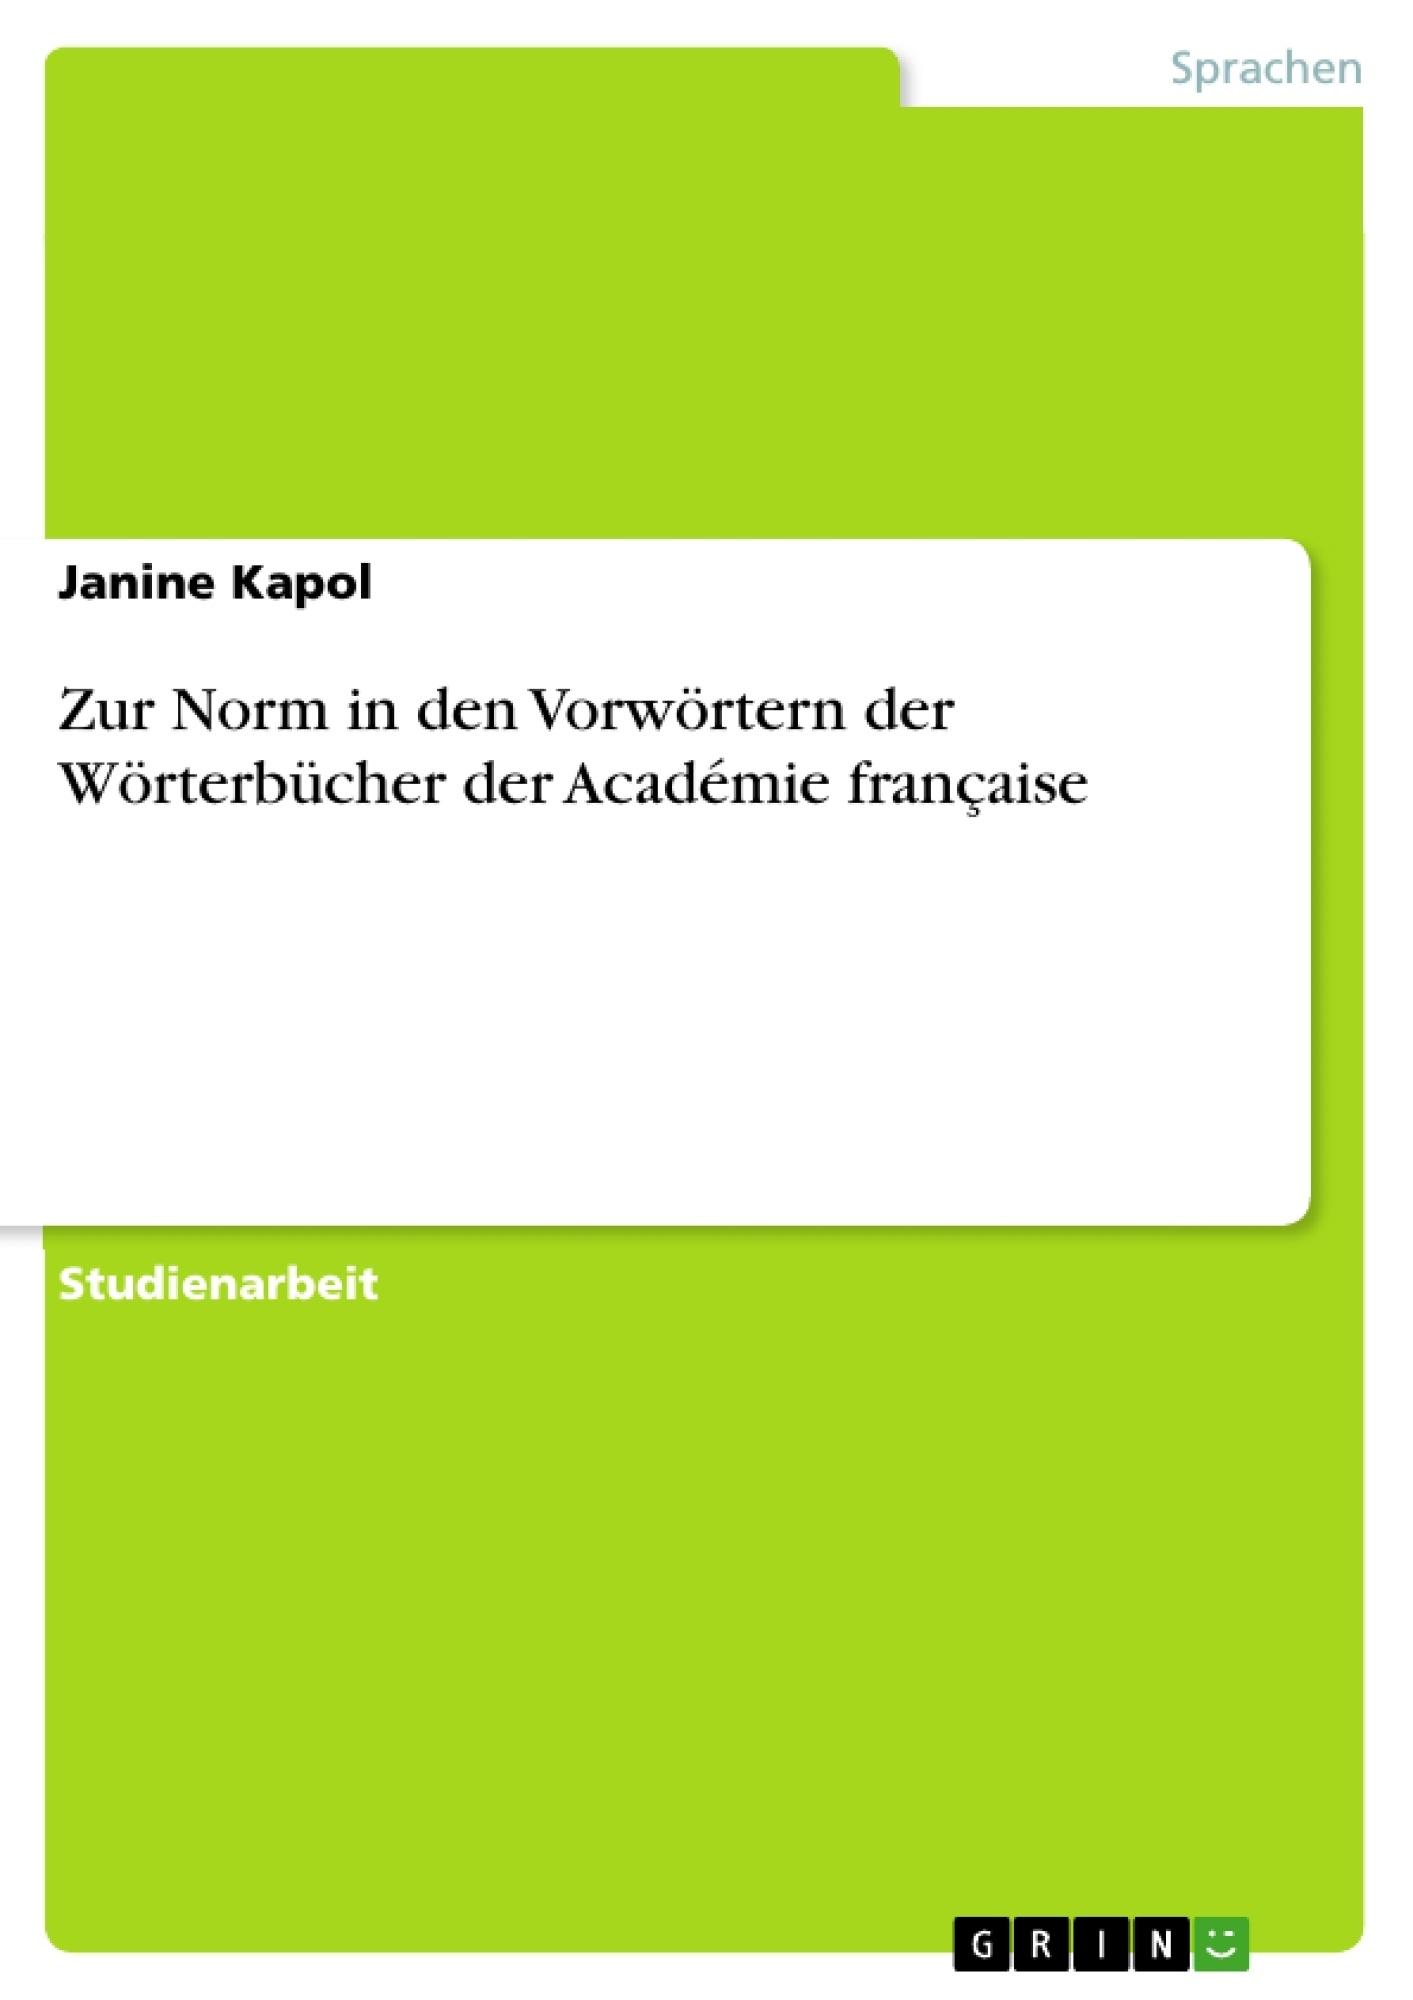 Titel: Zur Norm in den Vorwörtern der Wörterbücher der Académie française